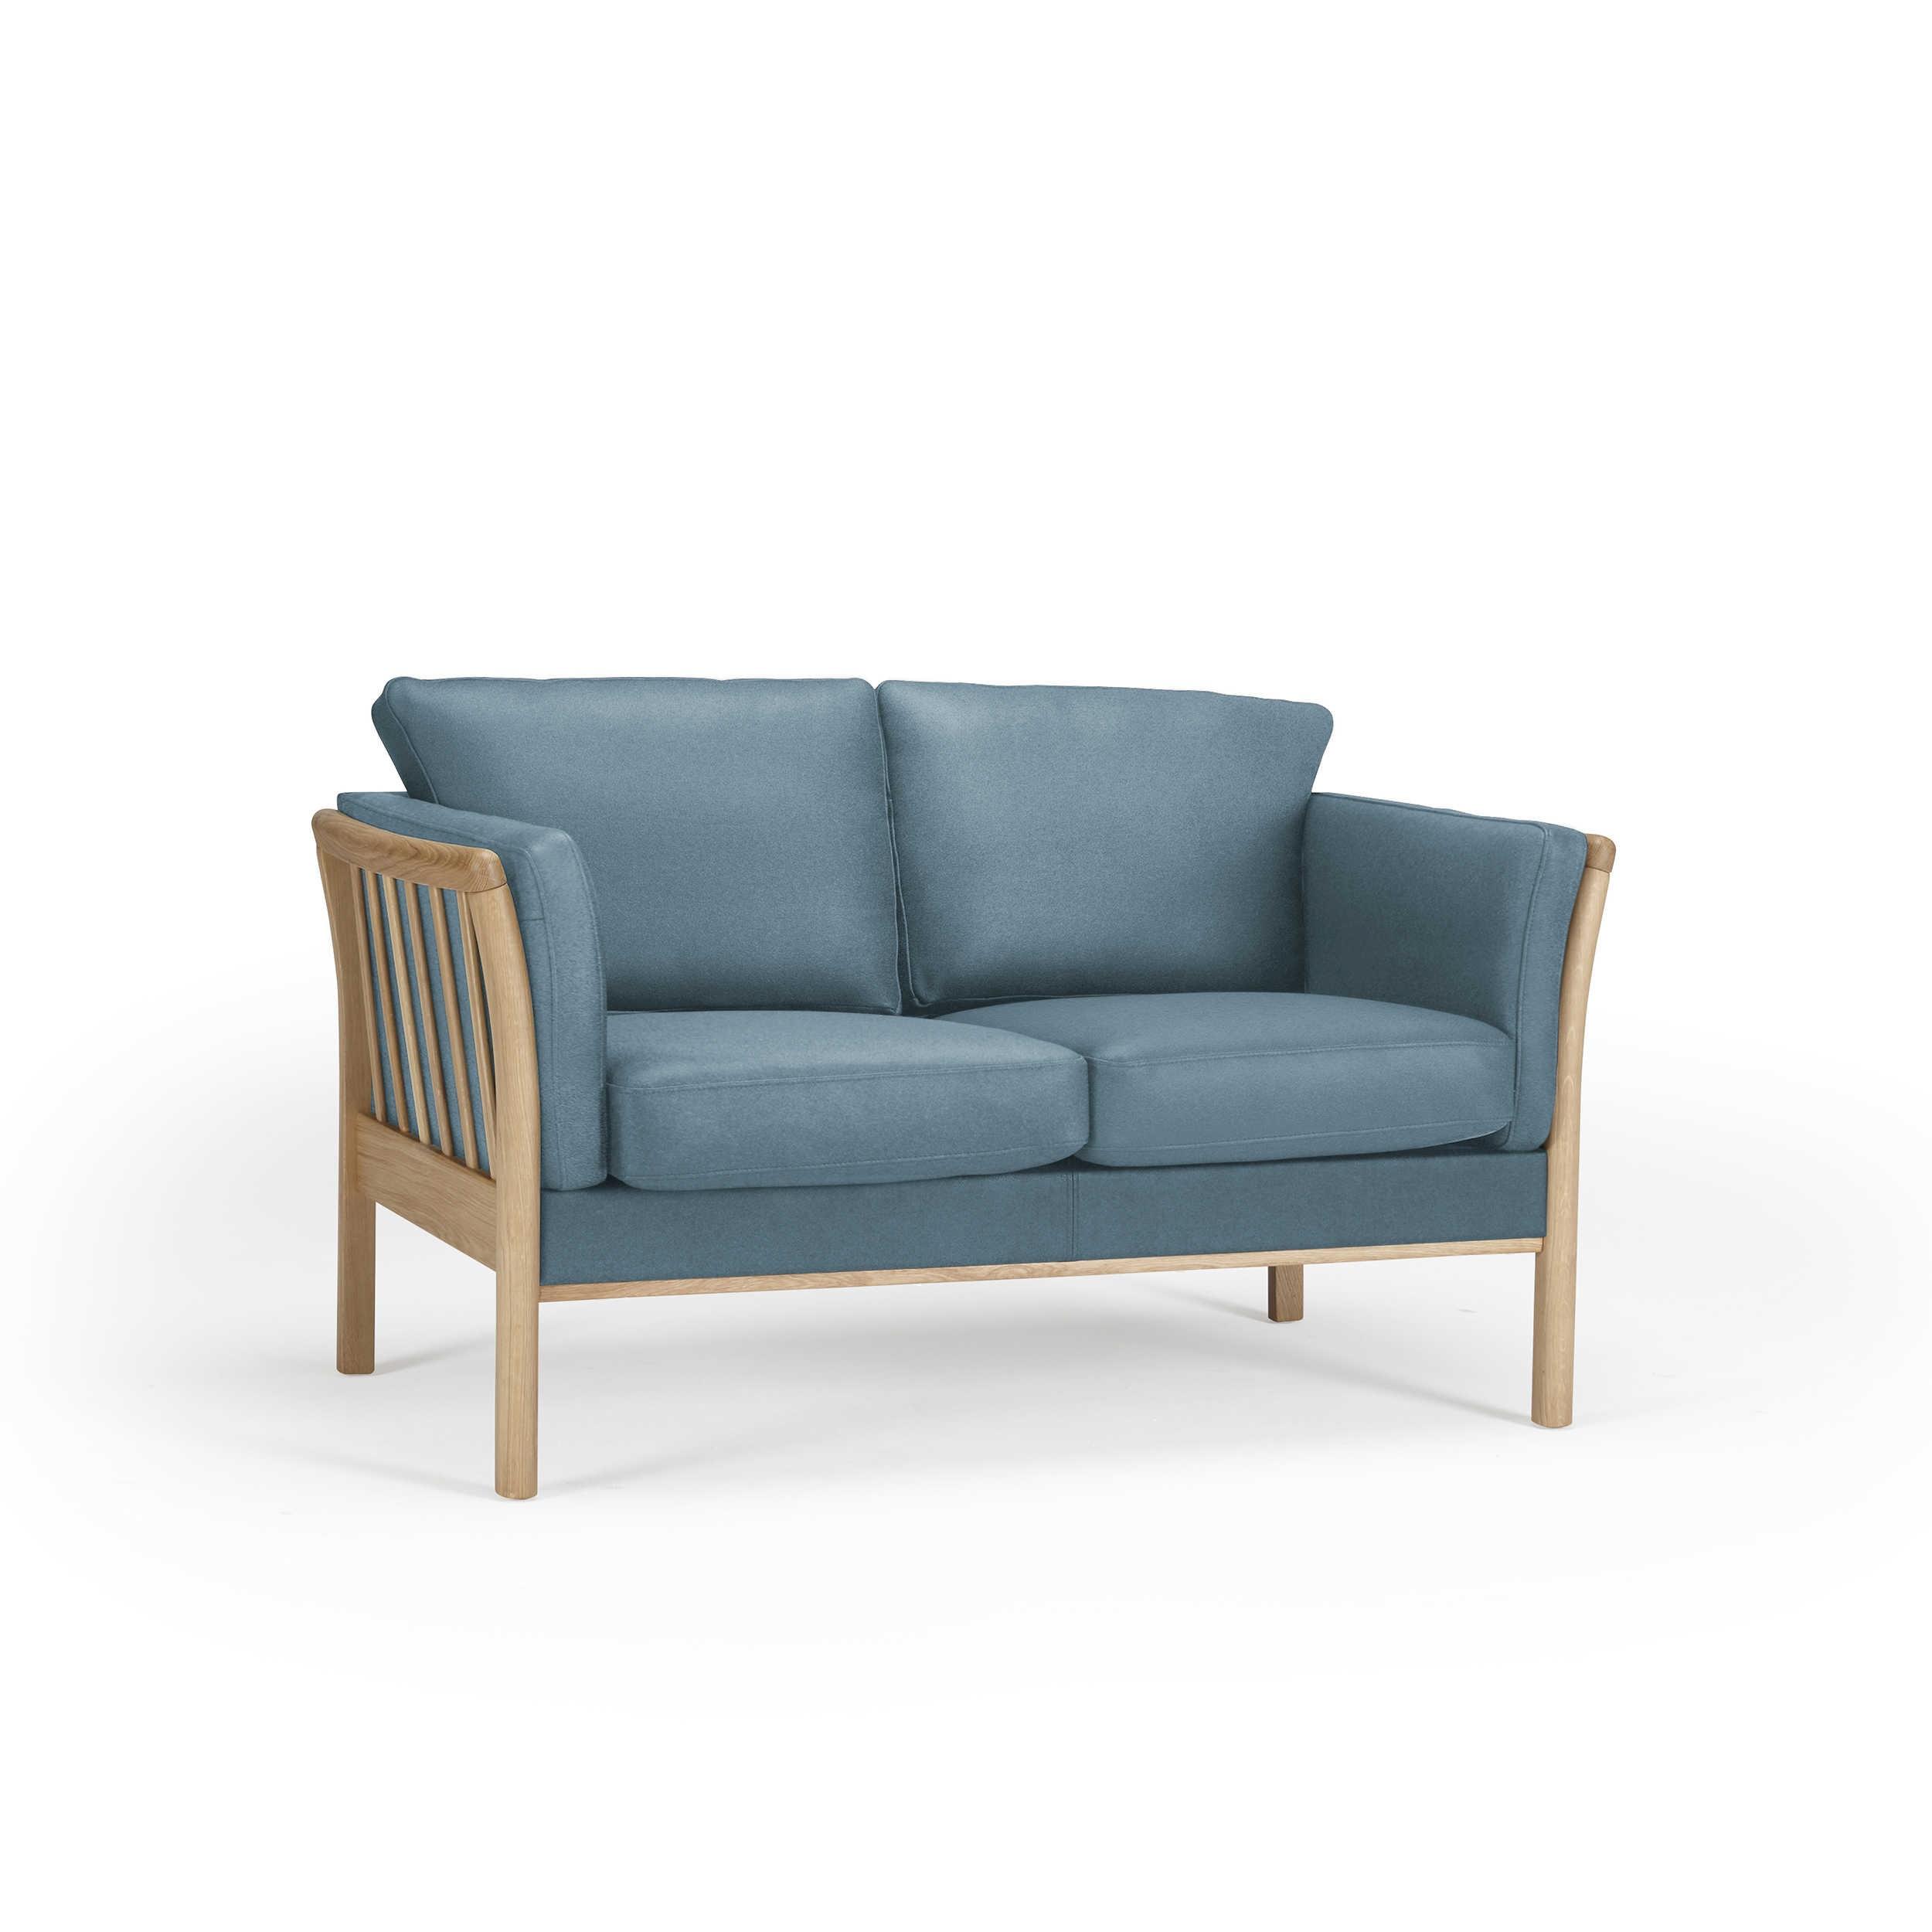 kragelund sofa k129 aya blau stoff online kaufen bei woonio. Black Bedroom Furniture Sets. Home Design Ideas